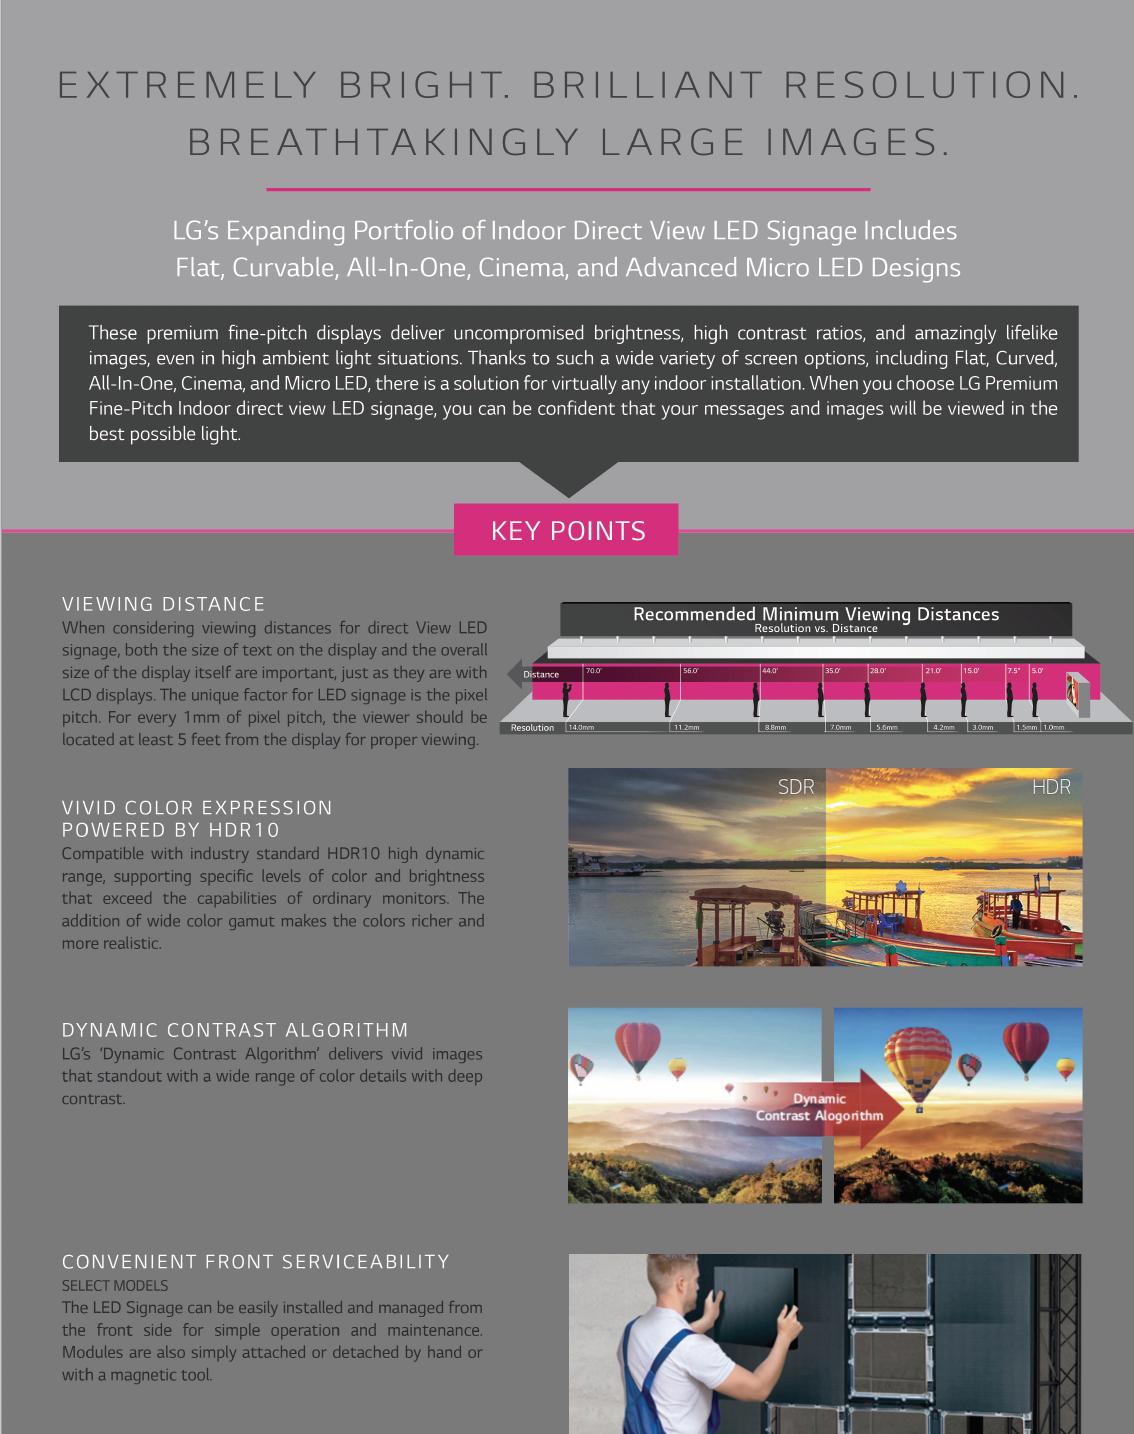 LG Infographic_Webinar_LED Signage_Image Cover